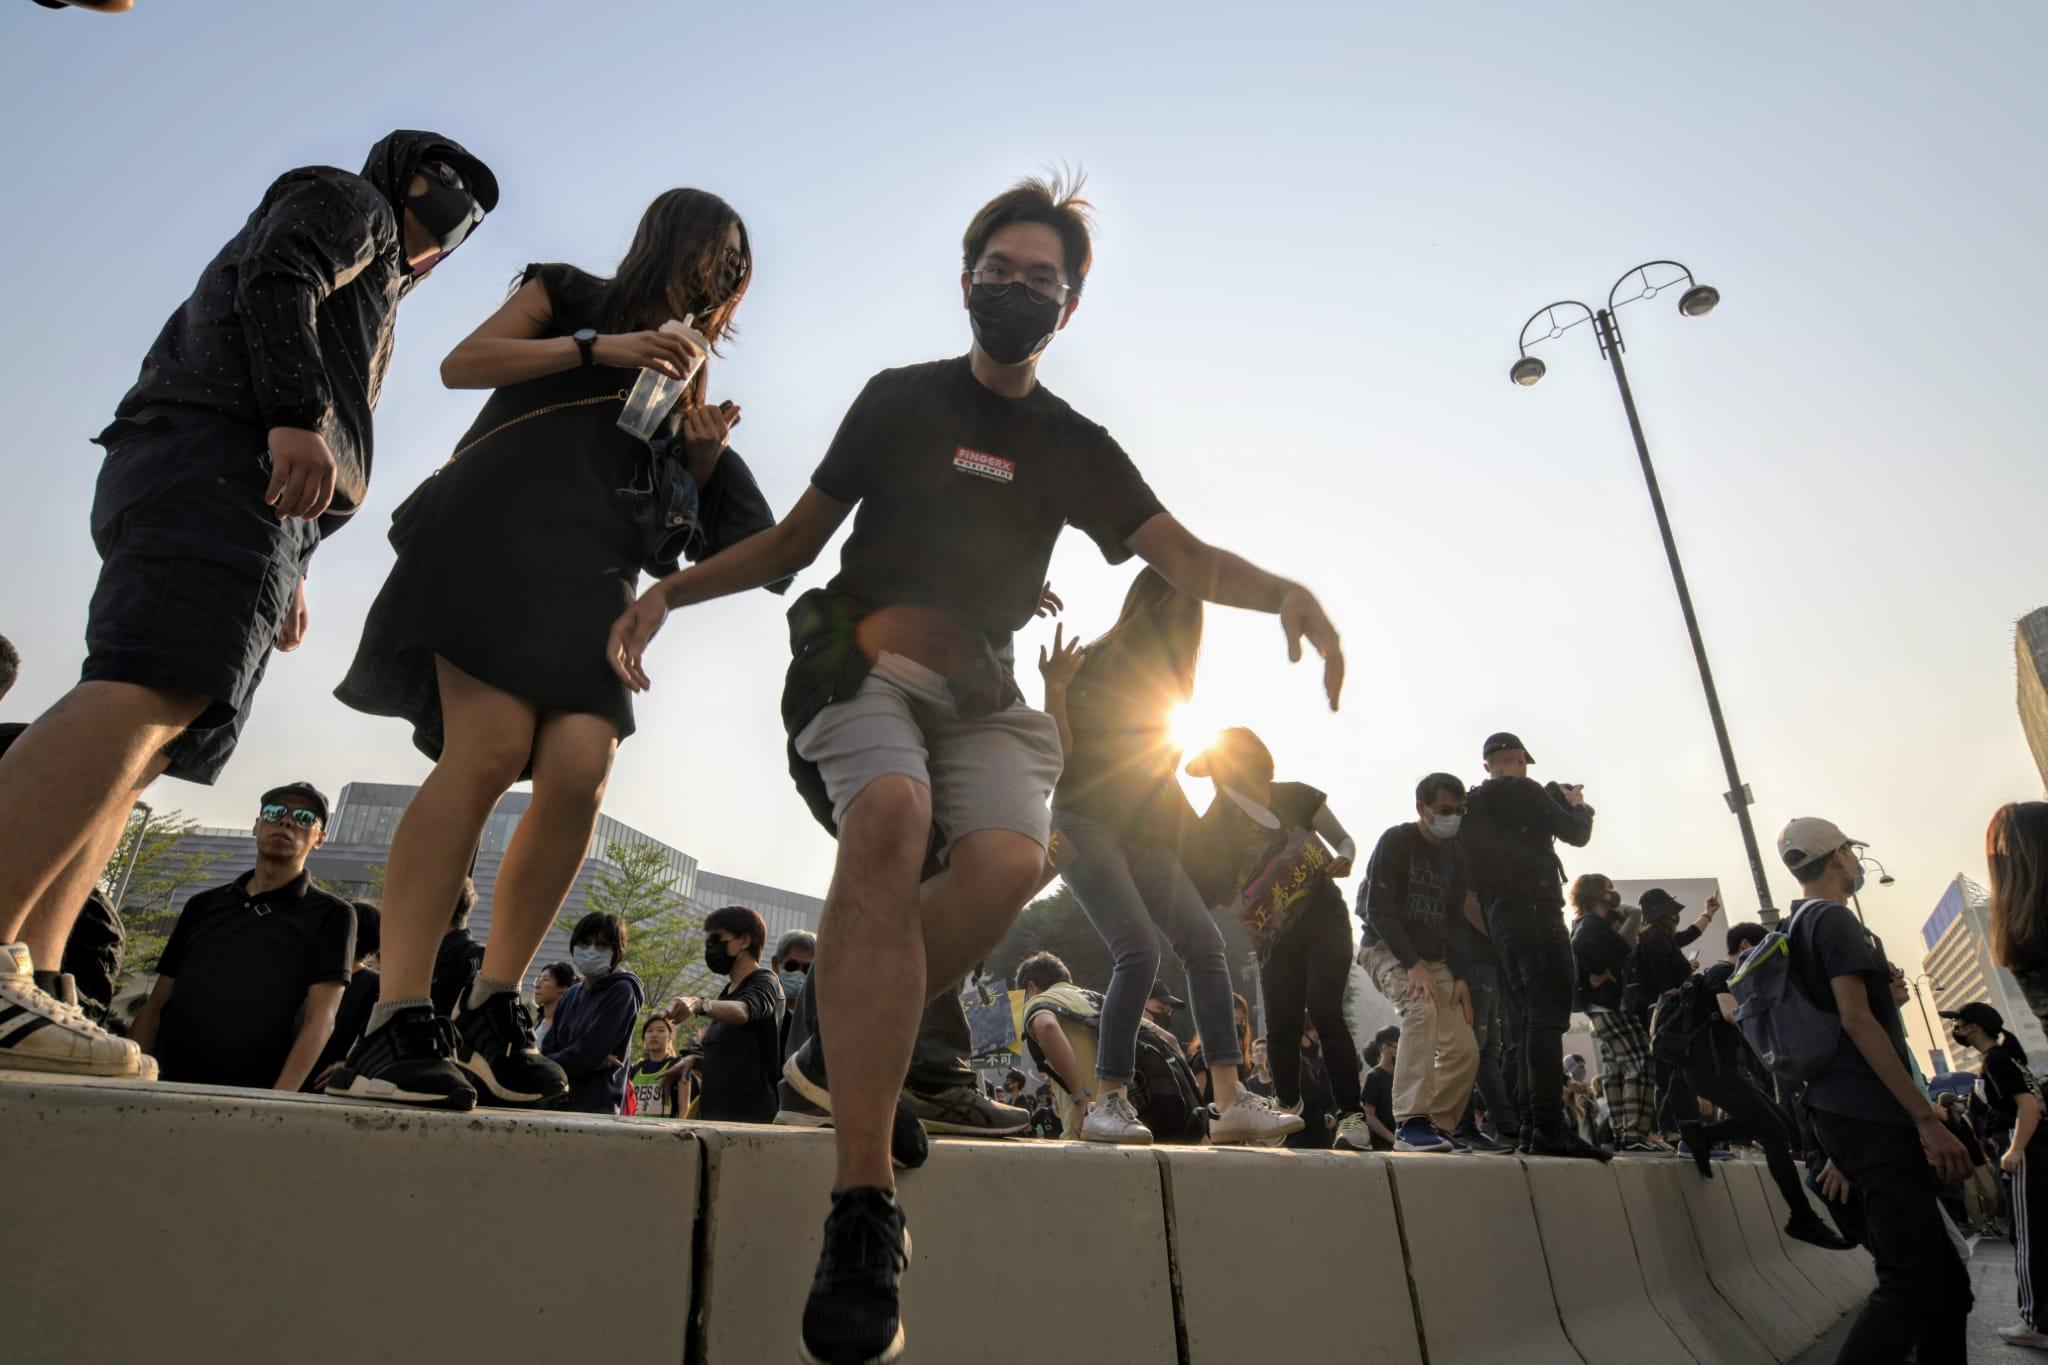 【修例風波】遊行人士佔據彌敦道梳士巴利道 防暴警舉藍旗噴胡椒驅散